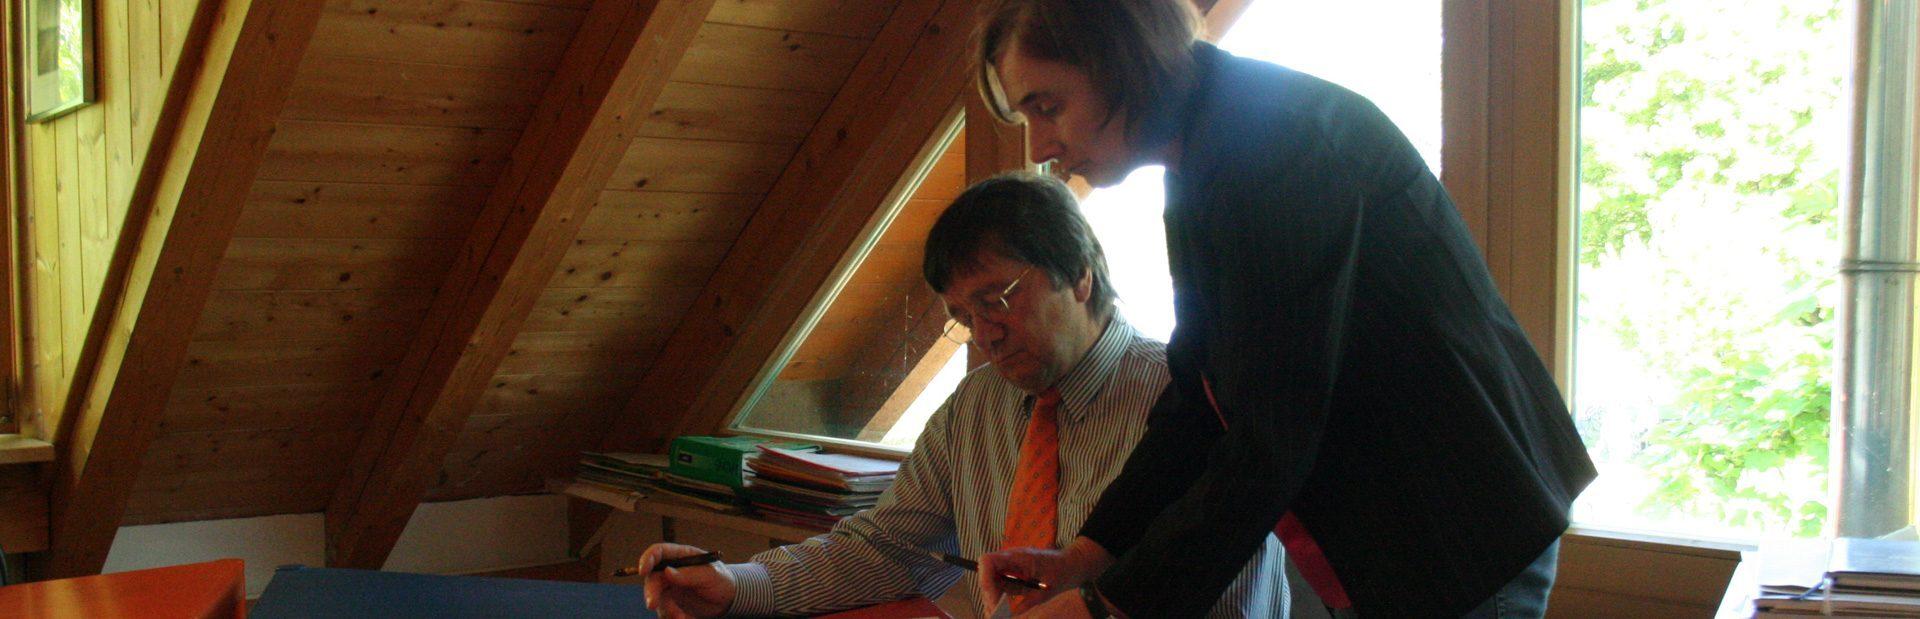 DESK Sprachkurse in München und Herrsching, Einstufung, Deutschkurse, Englischkurse